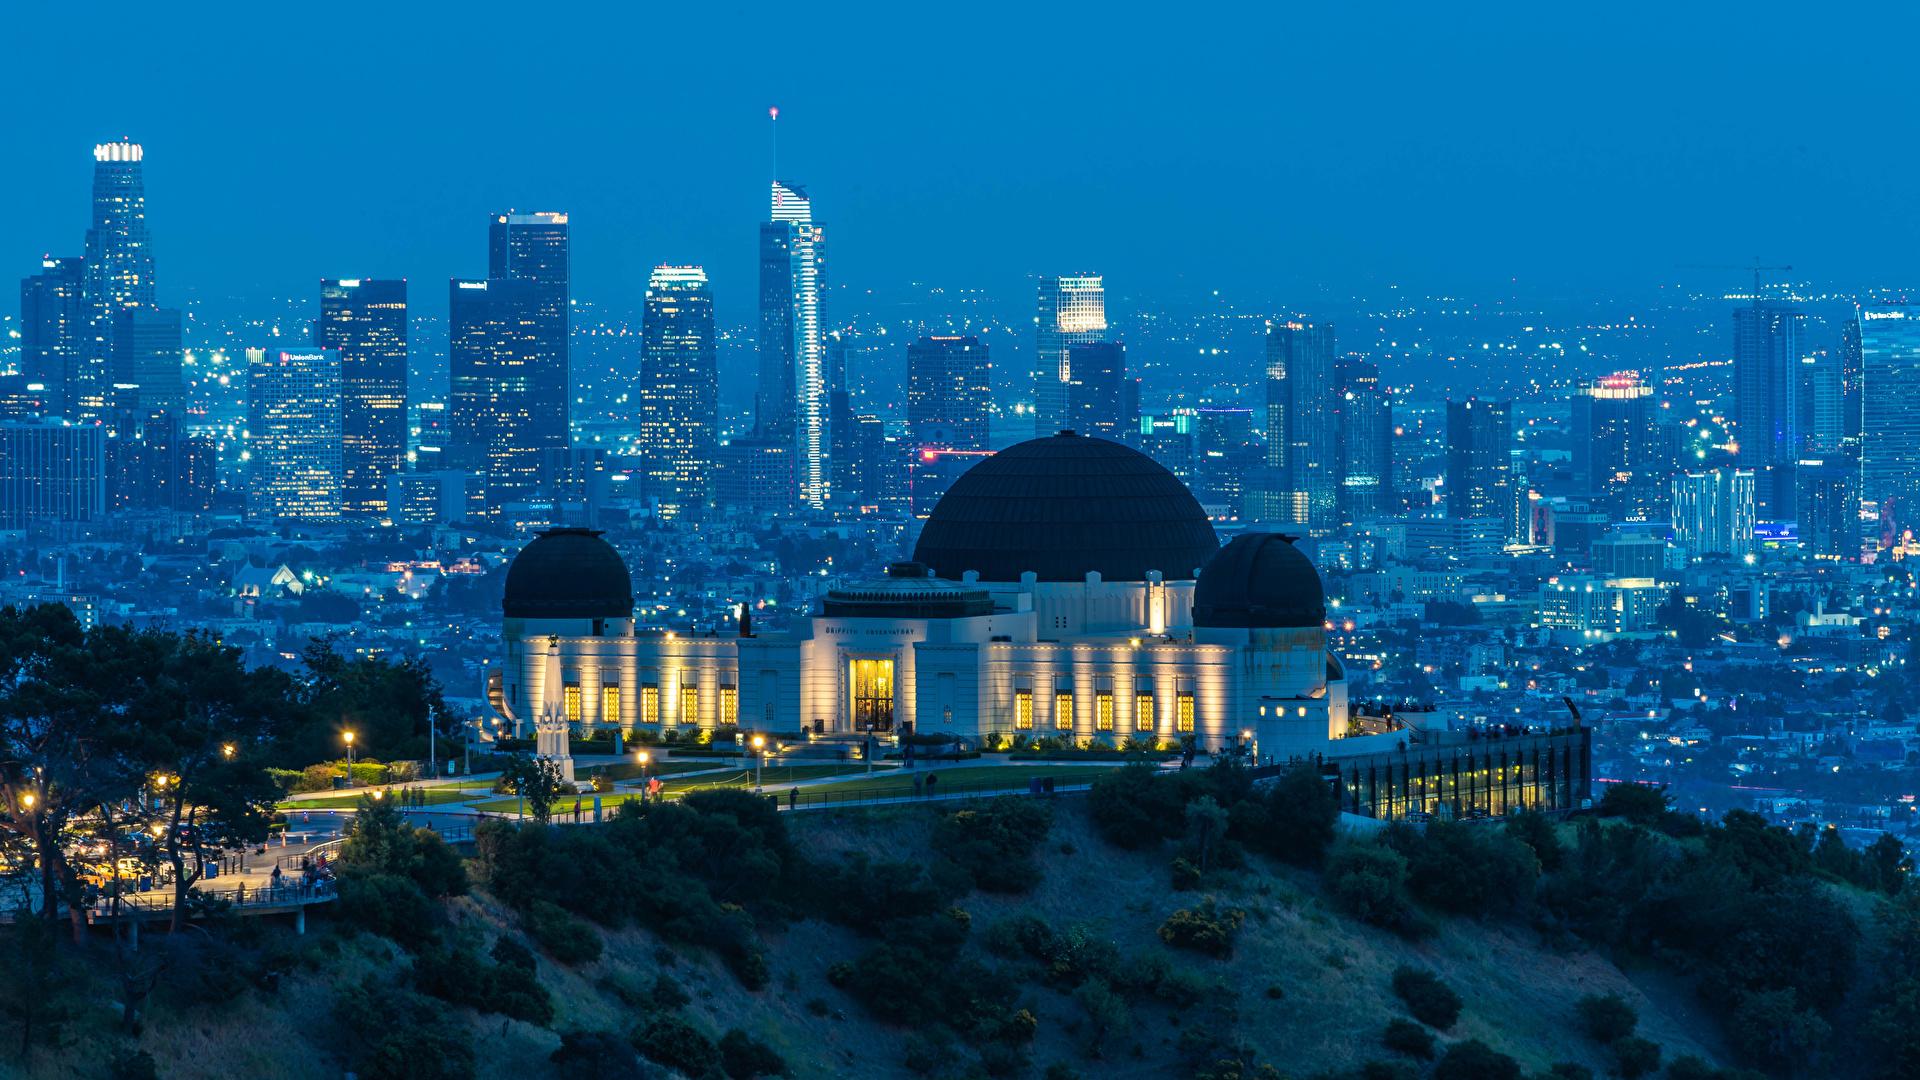 壁紙 19x1080 アメリカ合衆国 住宅 夕 Griffith Observatory ロサンゼルス 都市 ダウンロード 写真